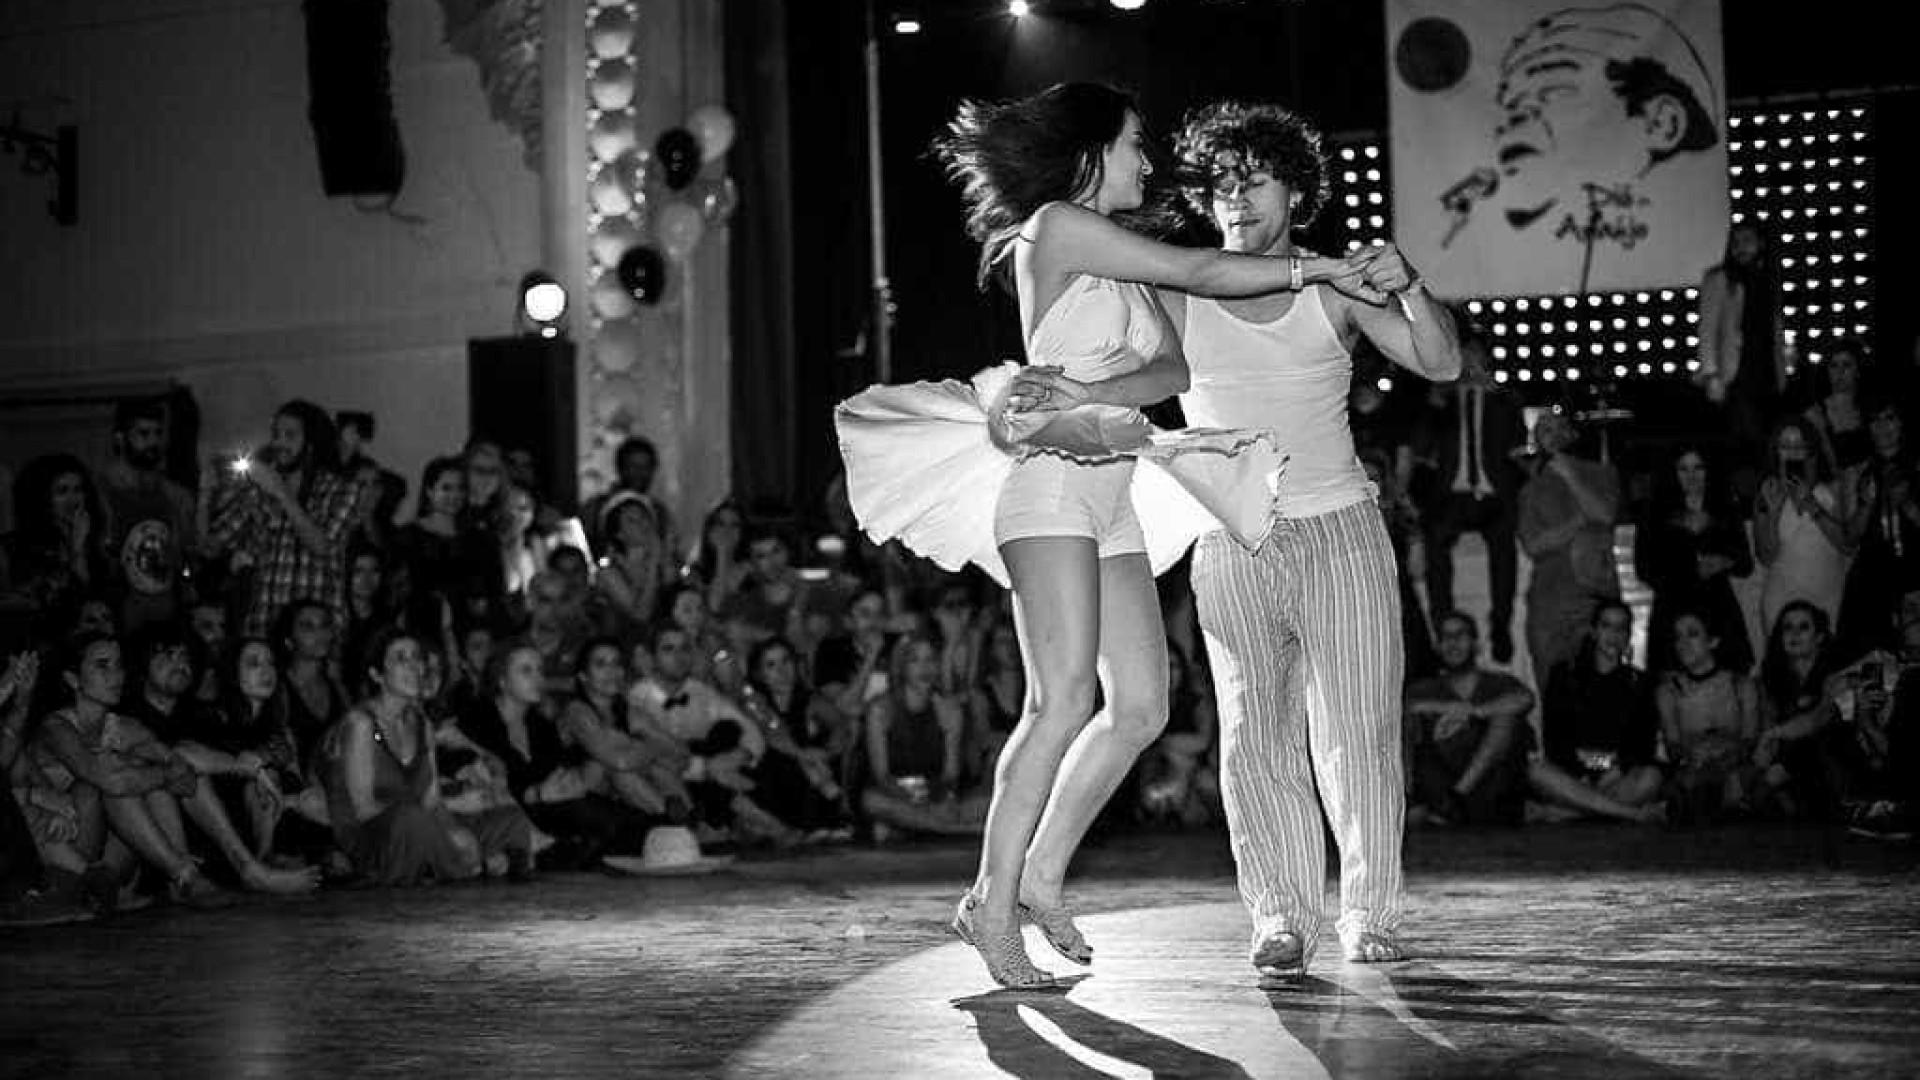 Festival de forró reunirá 2 mil pessoas de 24 países em Lisboa